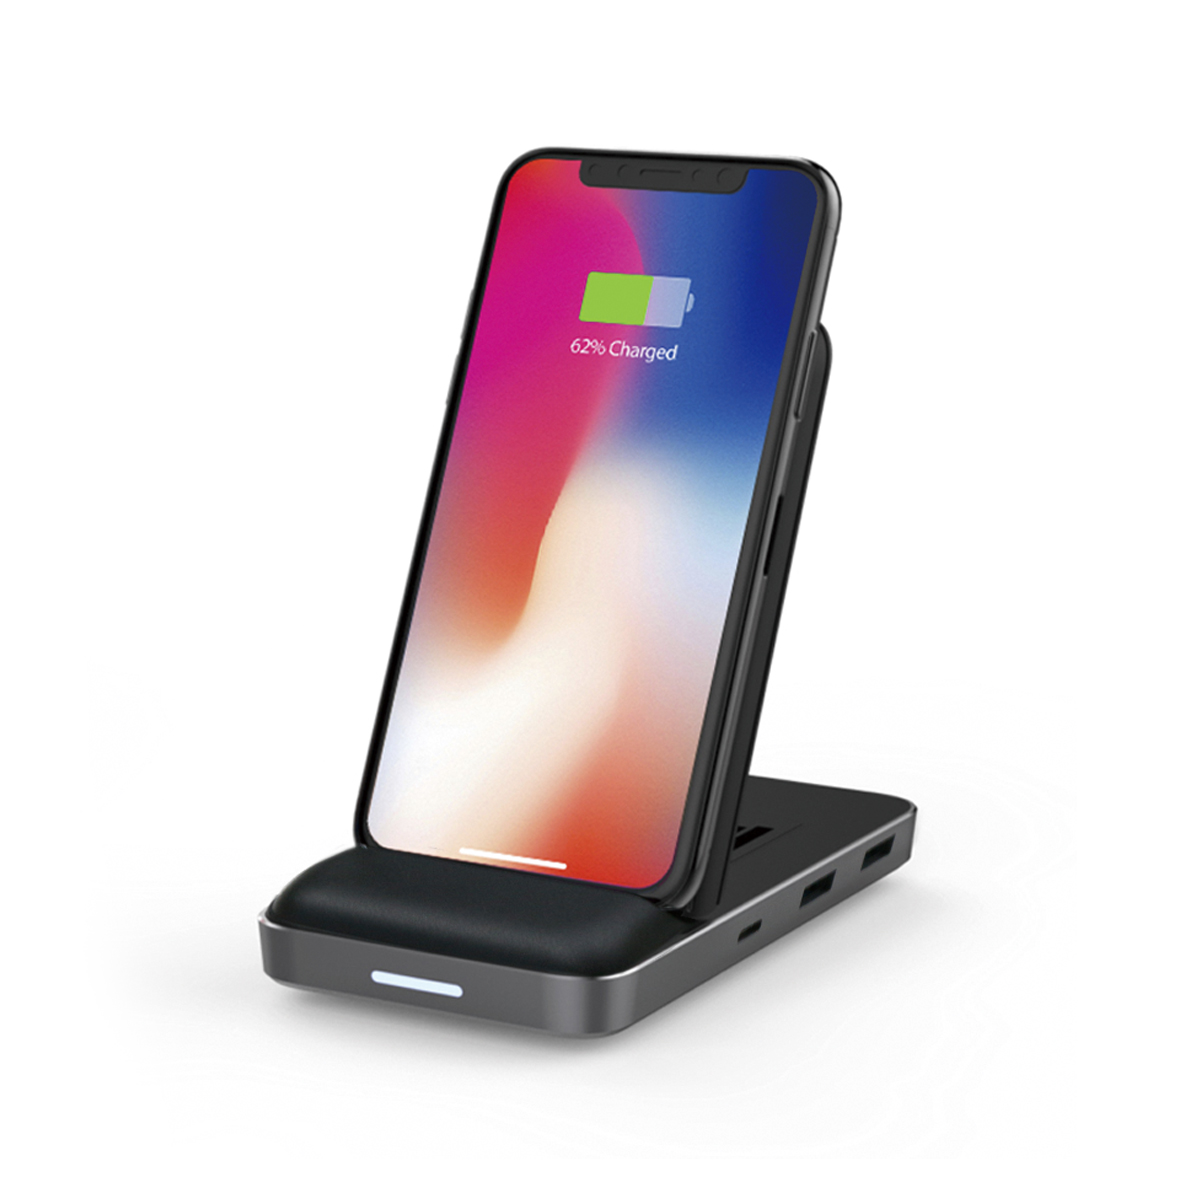 Apple社が指定した周波数を使って充電するので、TouchIDやFaceIDの認識機能を邪魔しない。充電しながらあなたを認識する「8in1 USB-Cハブ+ワイヤレス充電器」|Hyper Drive